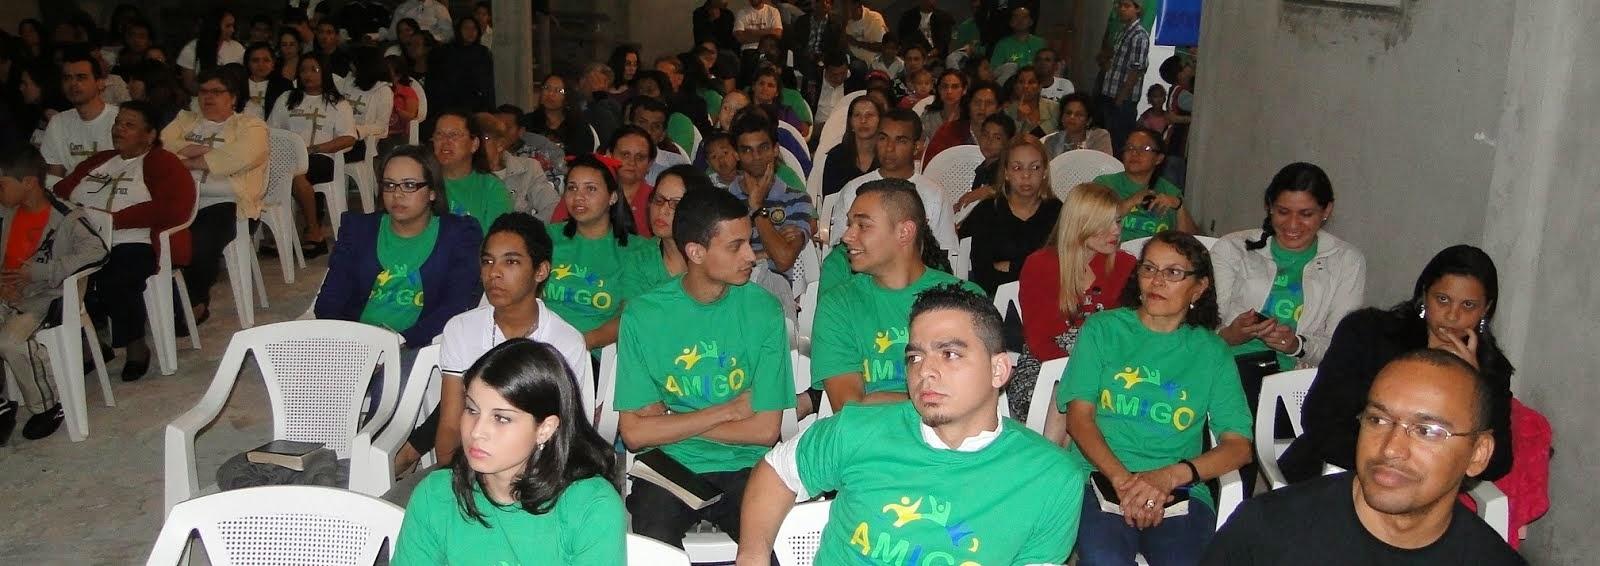 S. Bernardo do Campo|SP